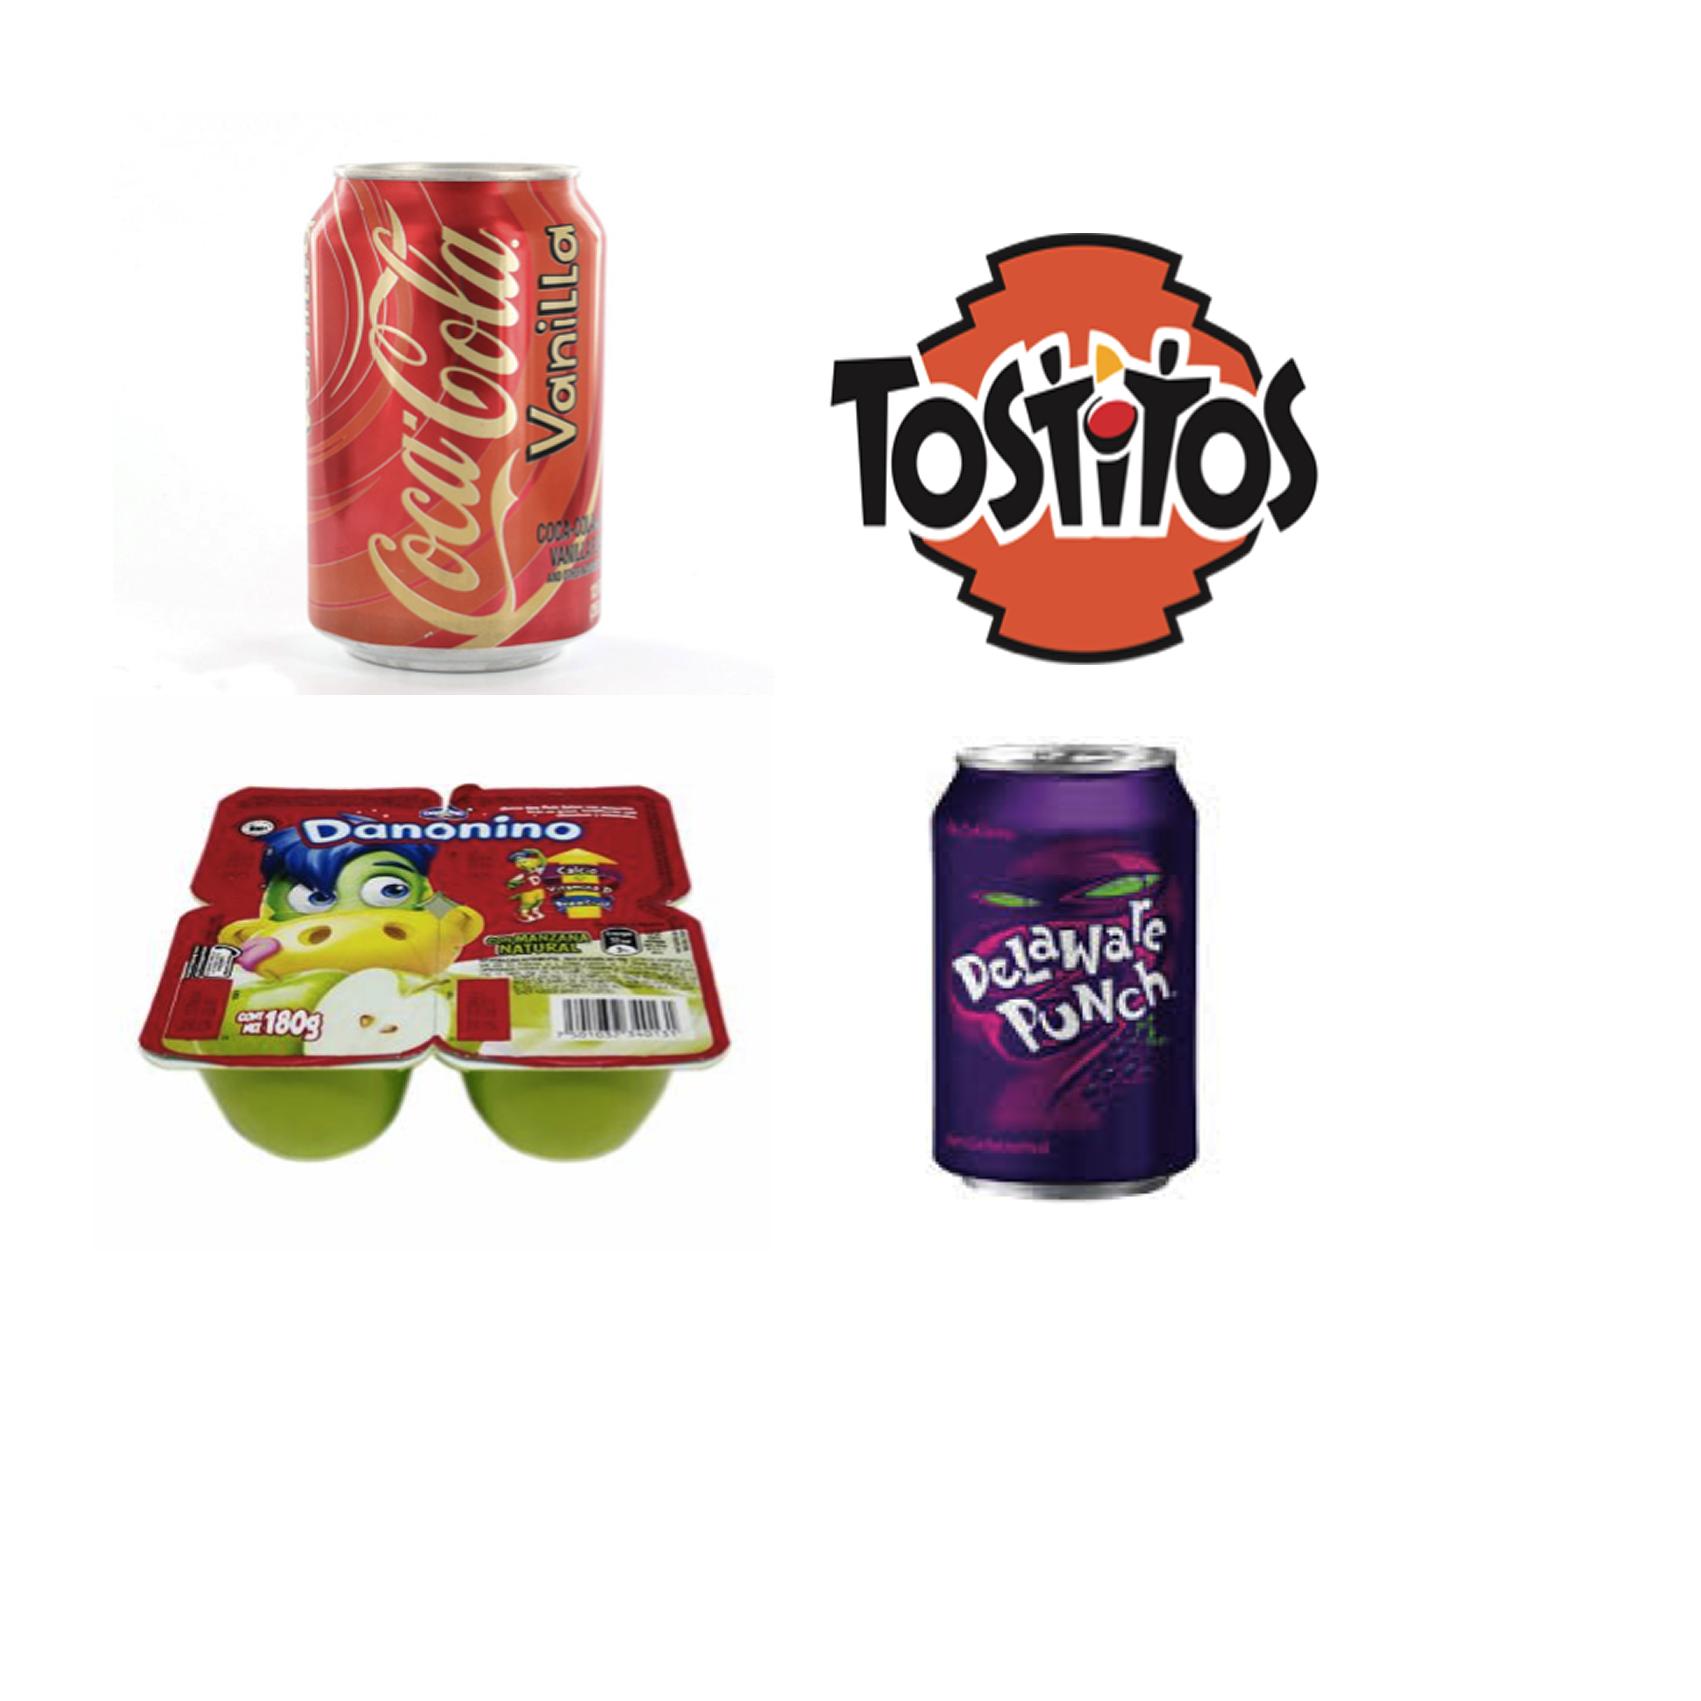 Los 10 productos que dejaron de existir